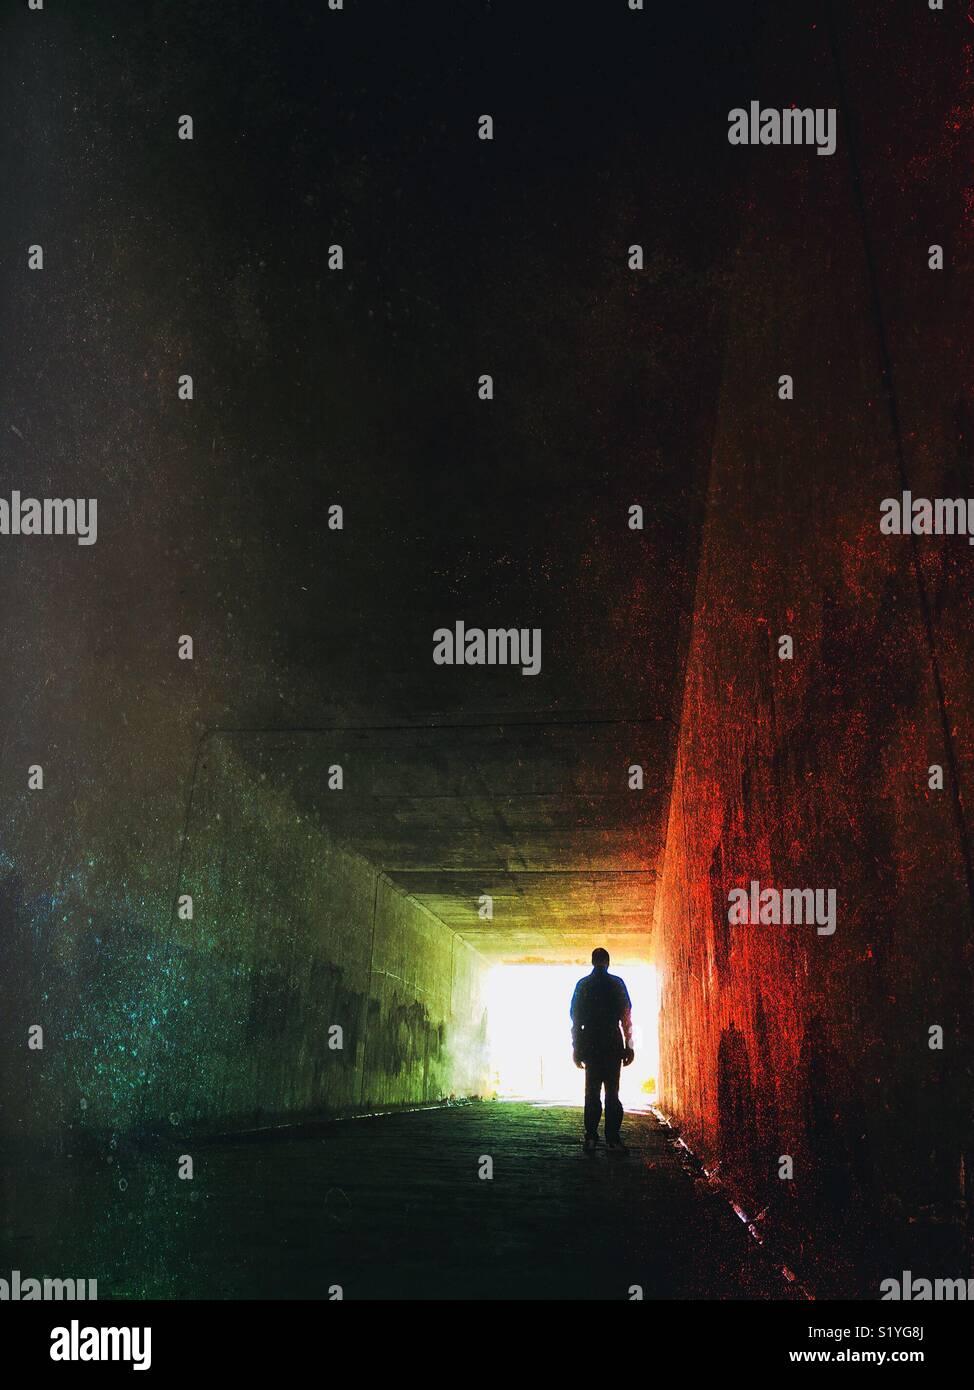 Silhouette d'un homme se tenait dans un tunnel Photo Stock